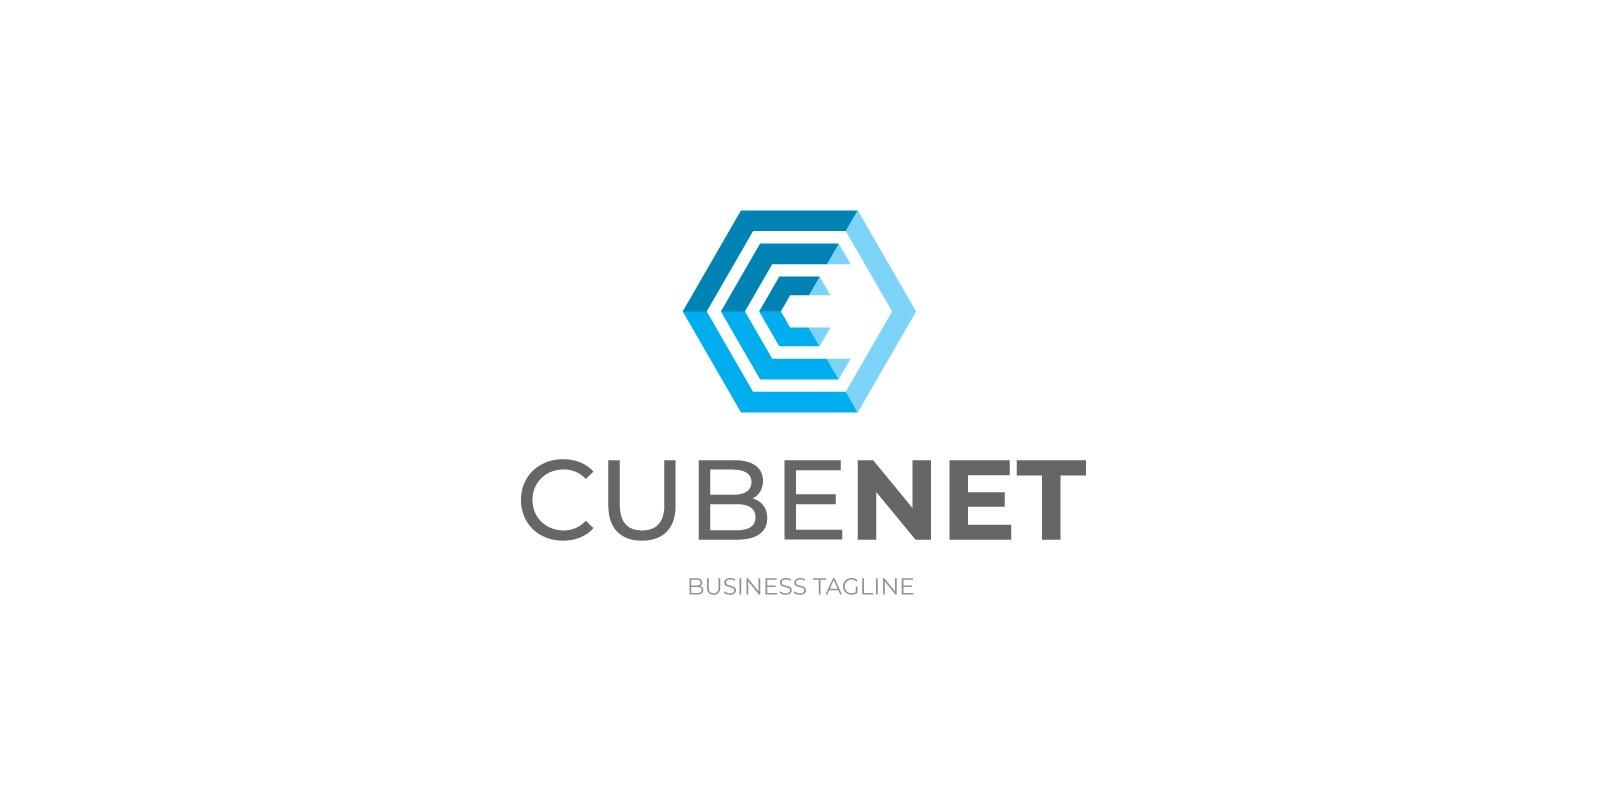 Cubenet - Letter C Hexagon Logo